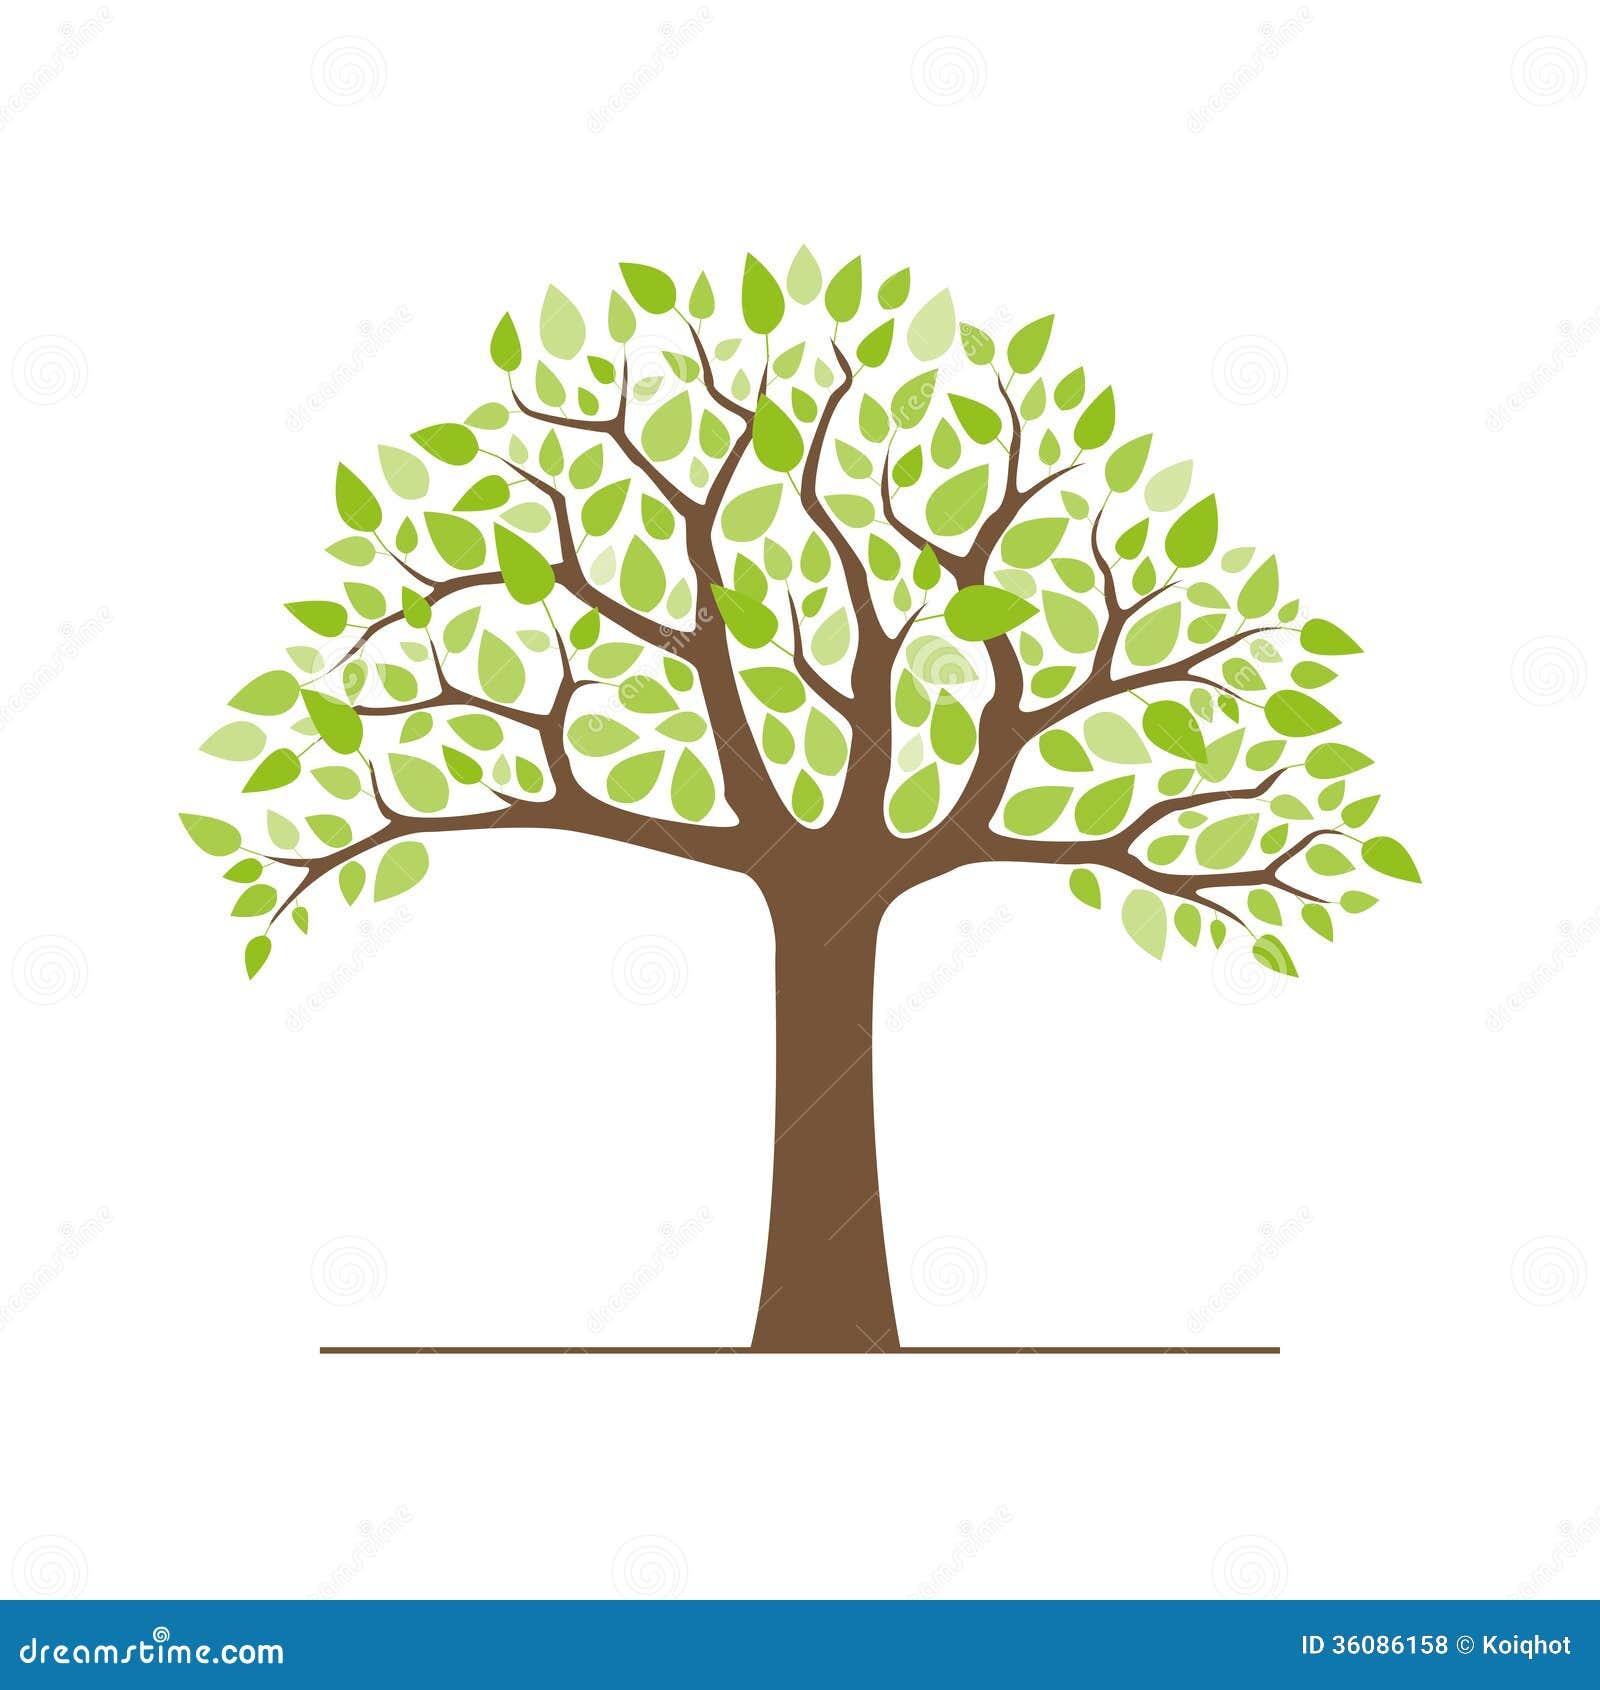 Rbol con las hojas verdes ilustraci n del vector imagen for Arbol de fotos manual